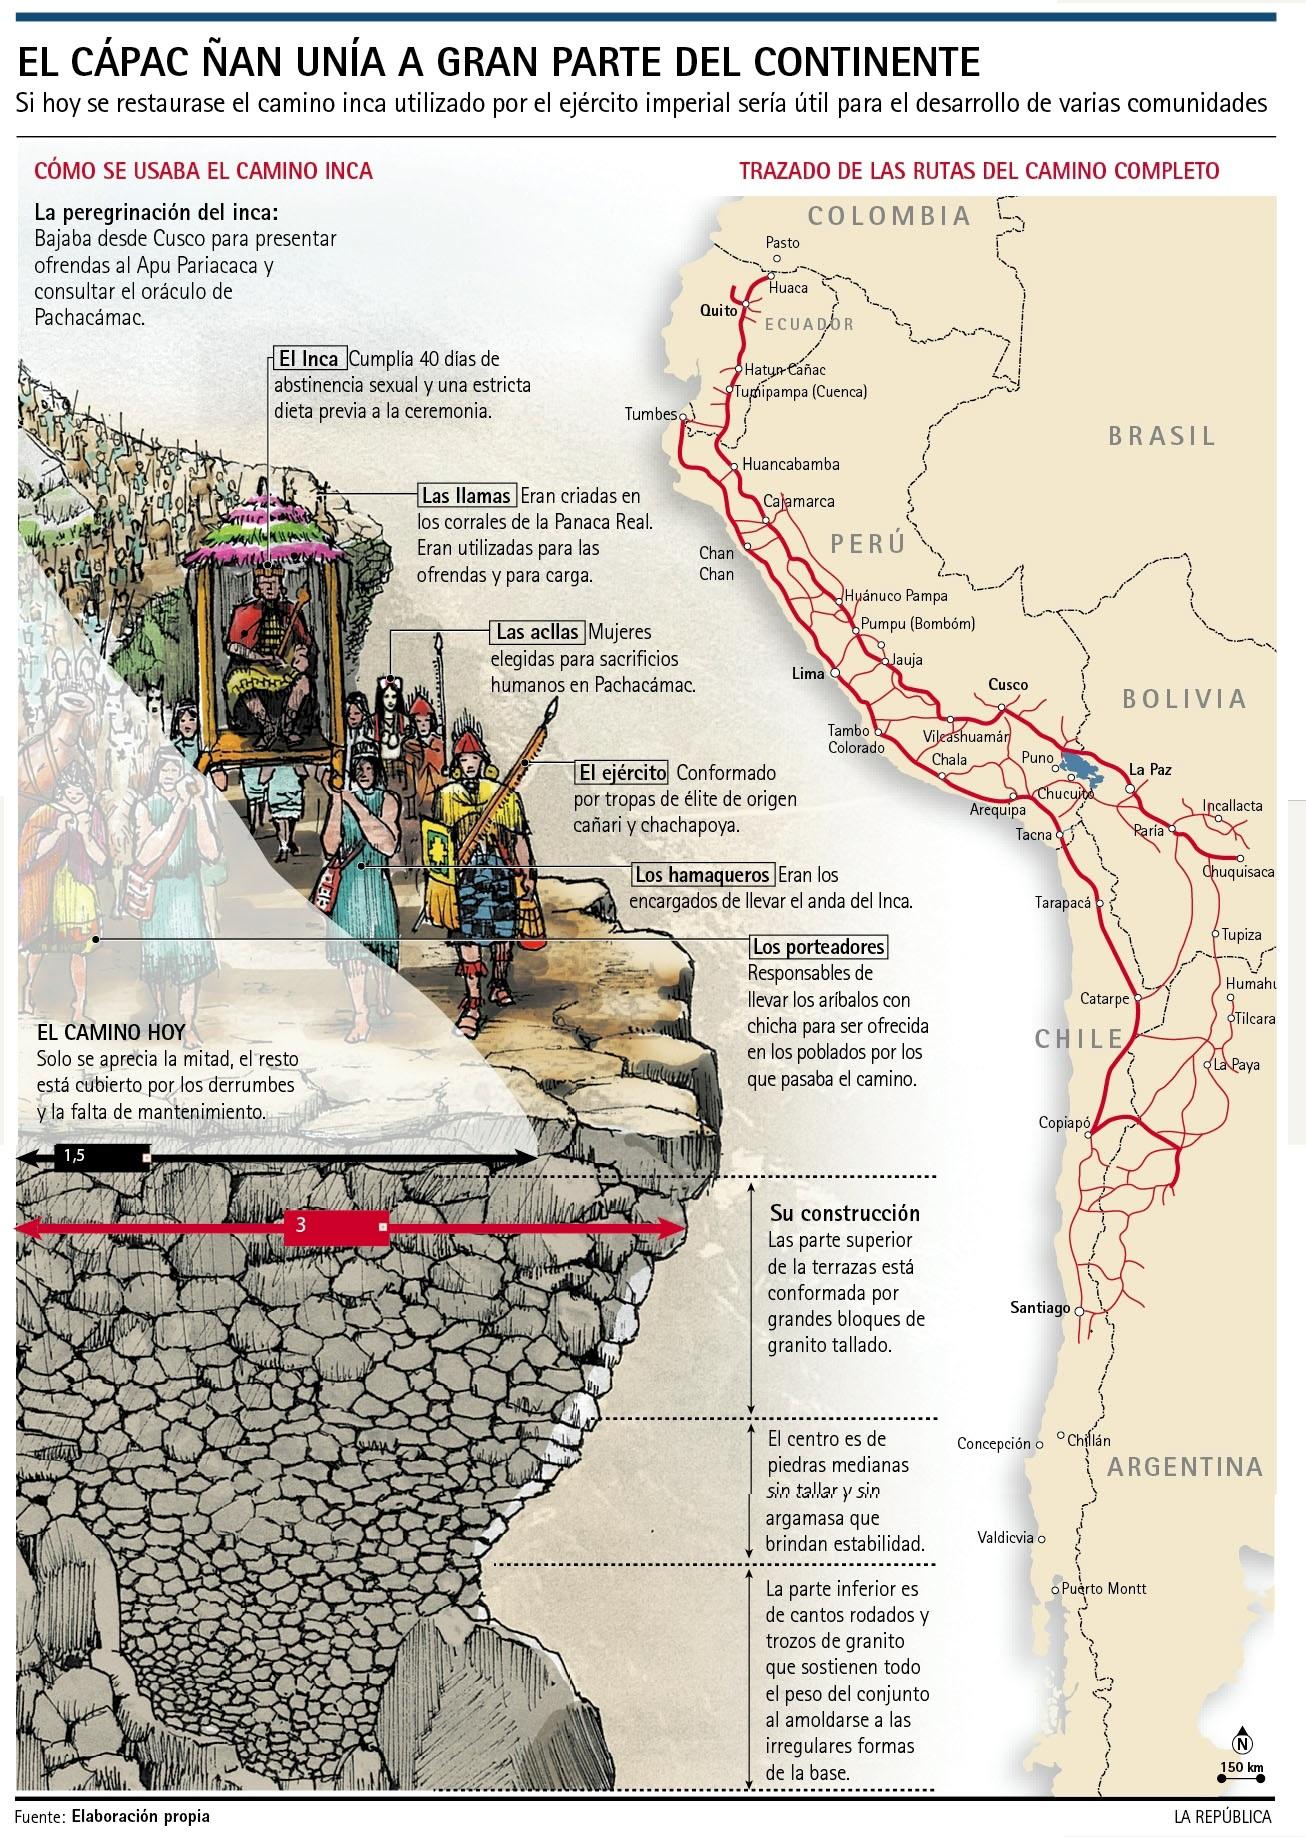 Camino del inca esascosas for Ministerio del interior ubicacion mapa